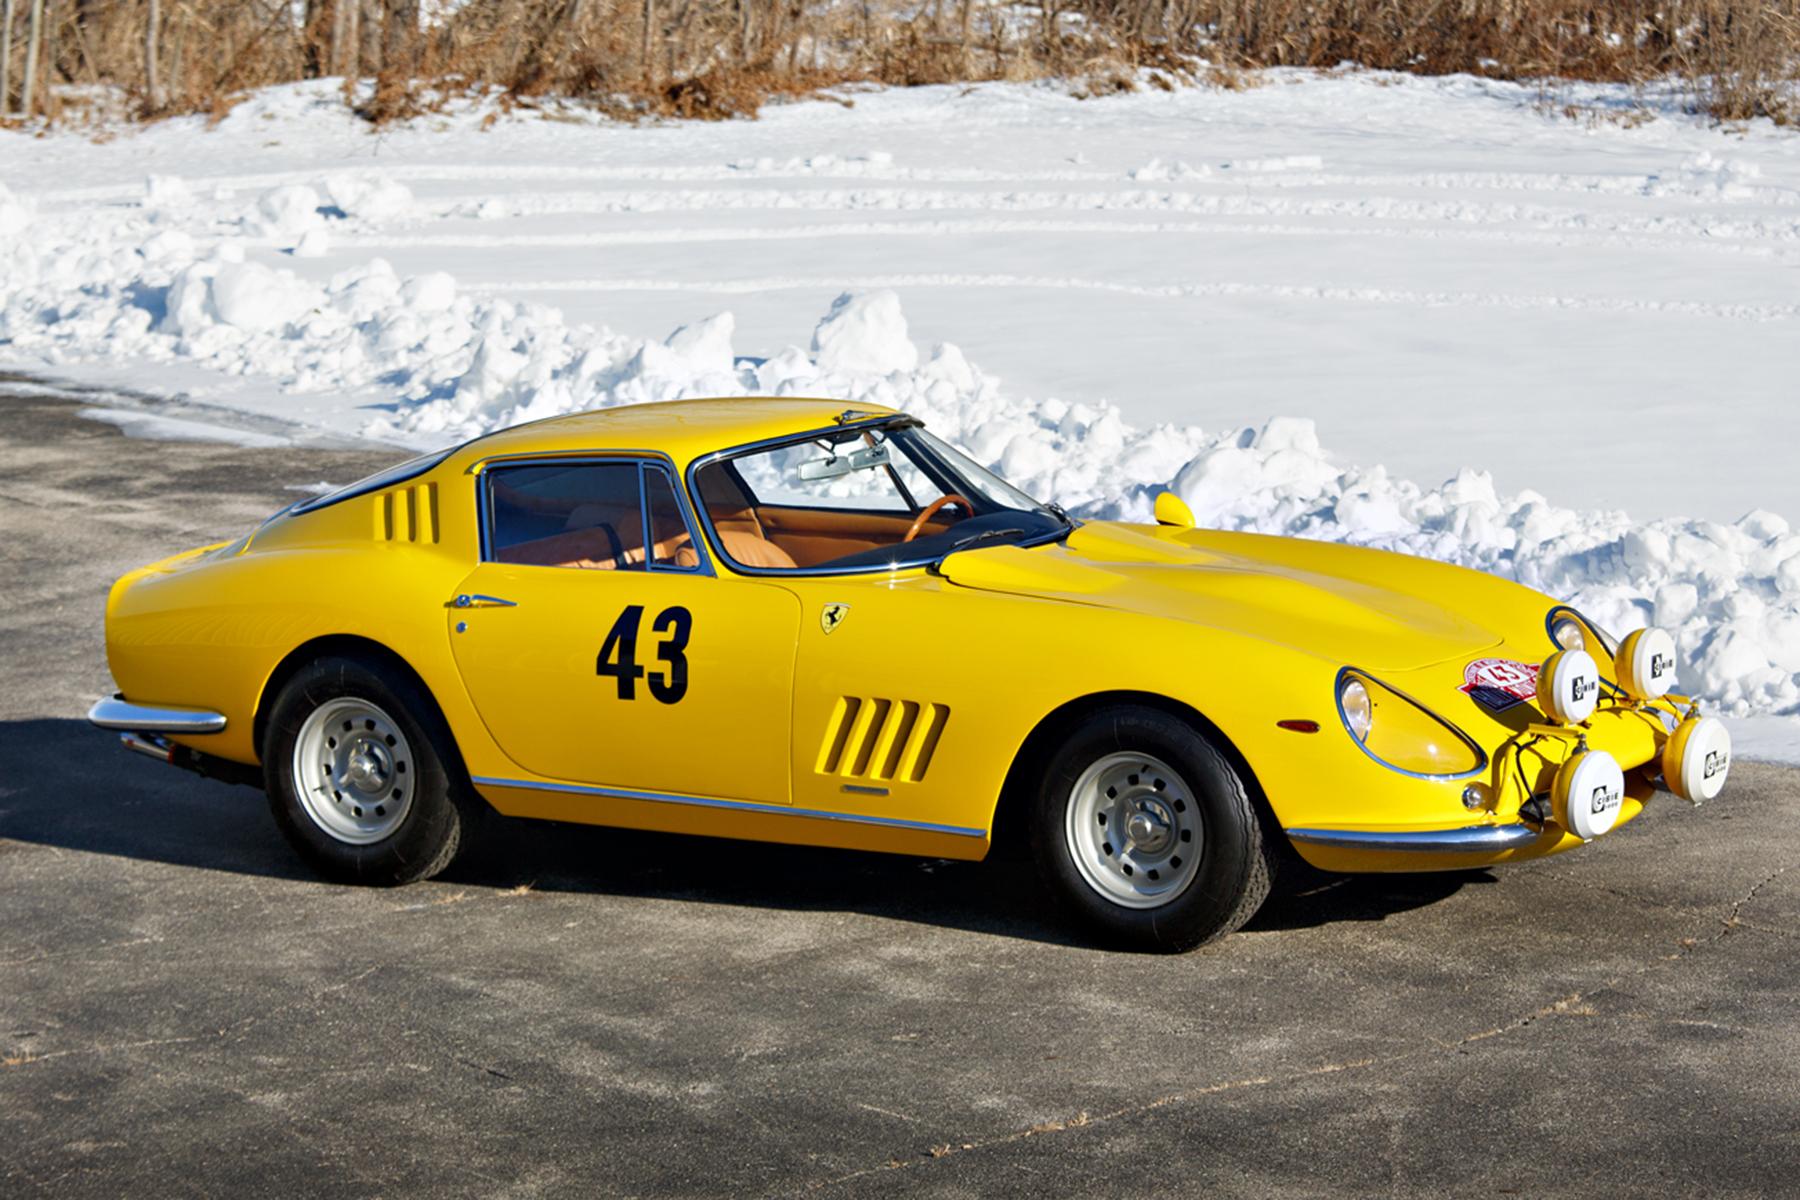 1964 Ferrari 275 GTB Prototype front 3/4